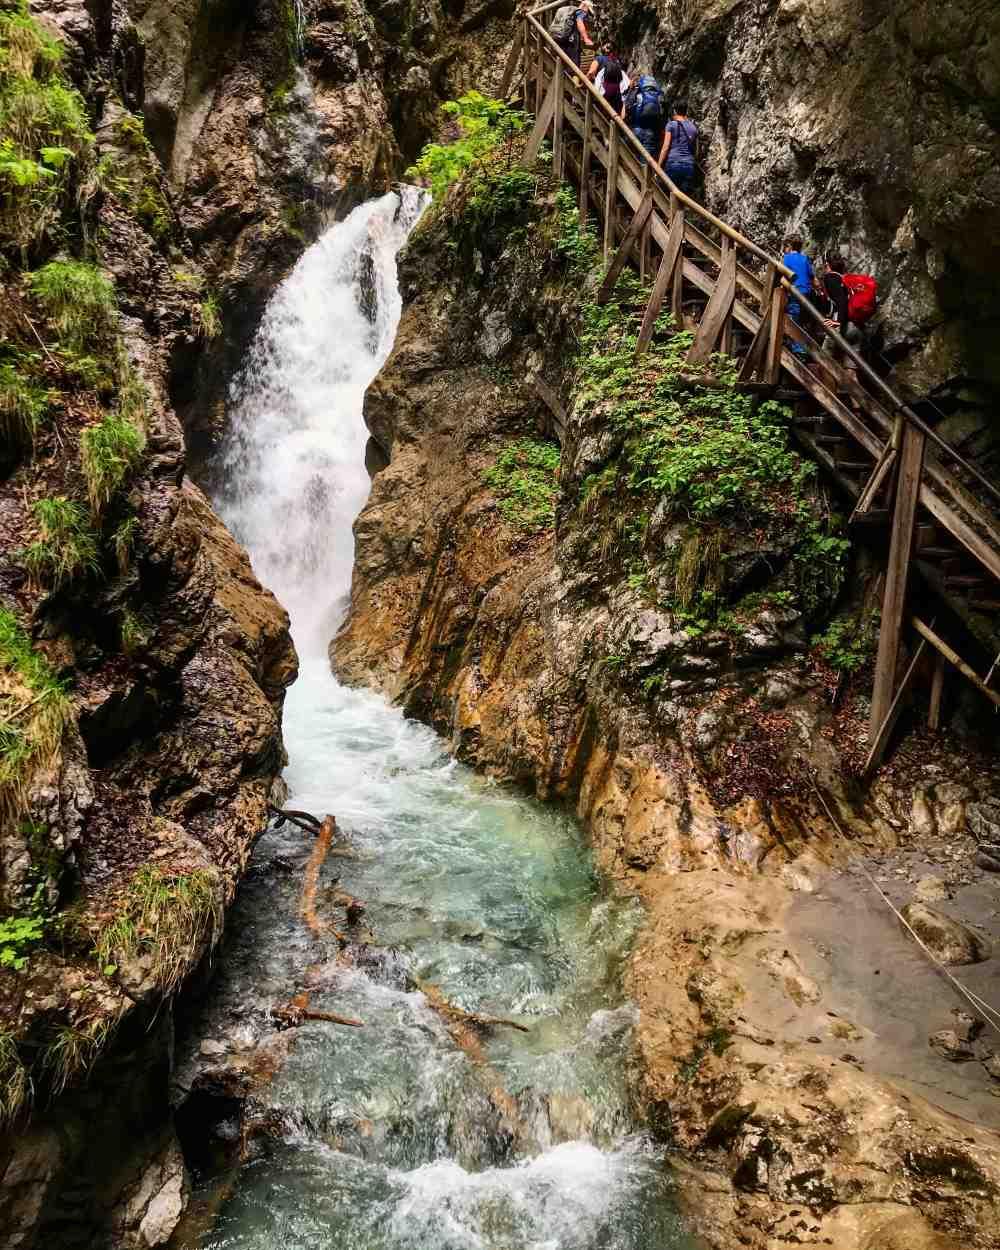 Über die steilen Stufen hinauf, nebendran der Wasserfall - das gefällt den Kindern